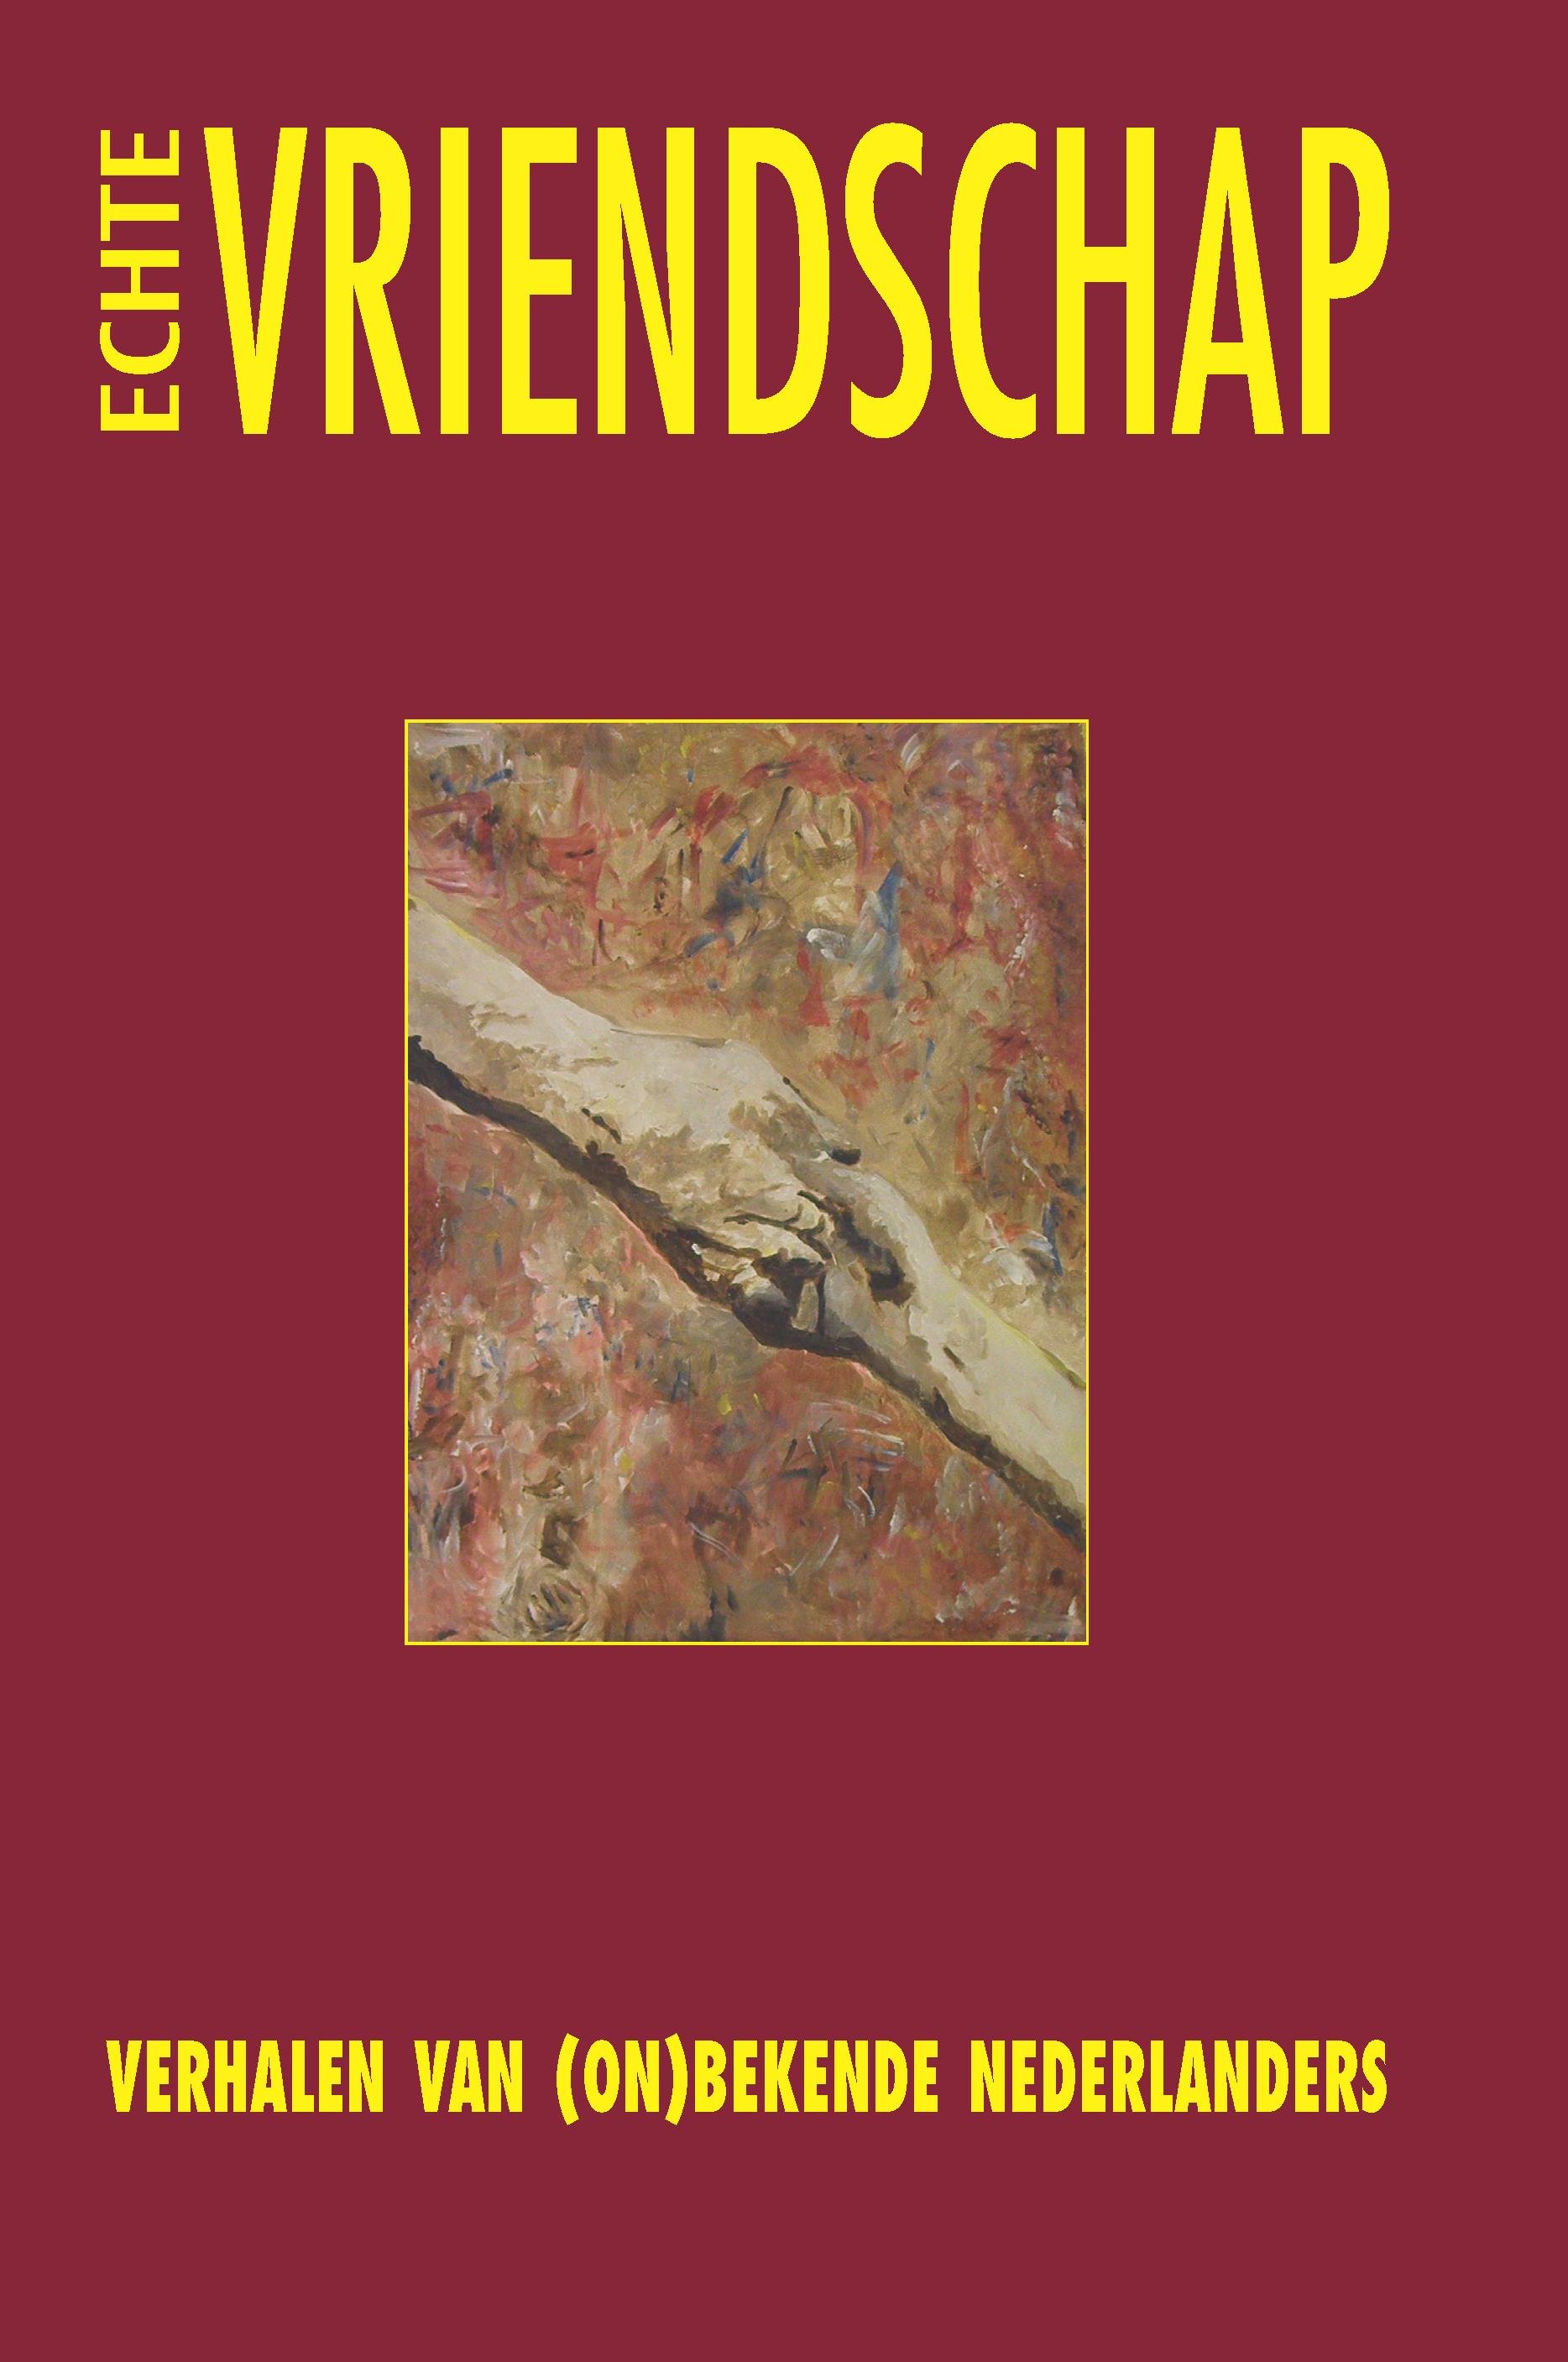 Echte vriendschap_cover front